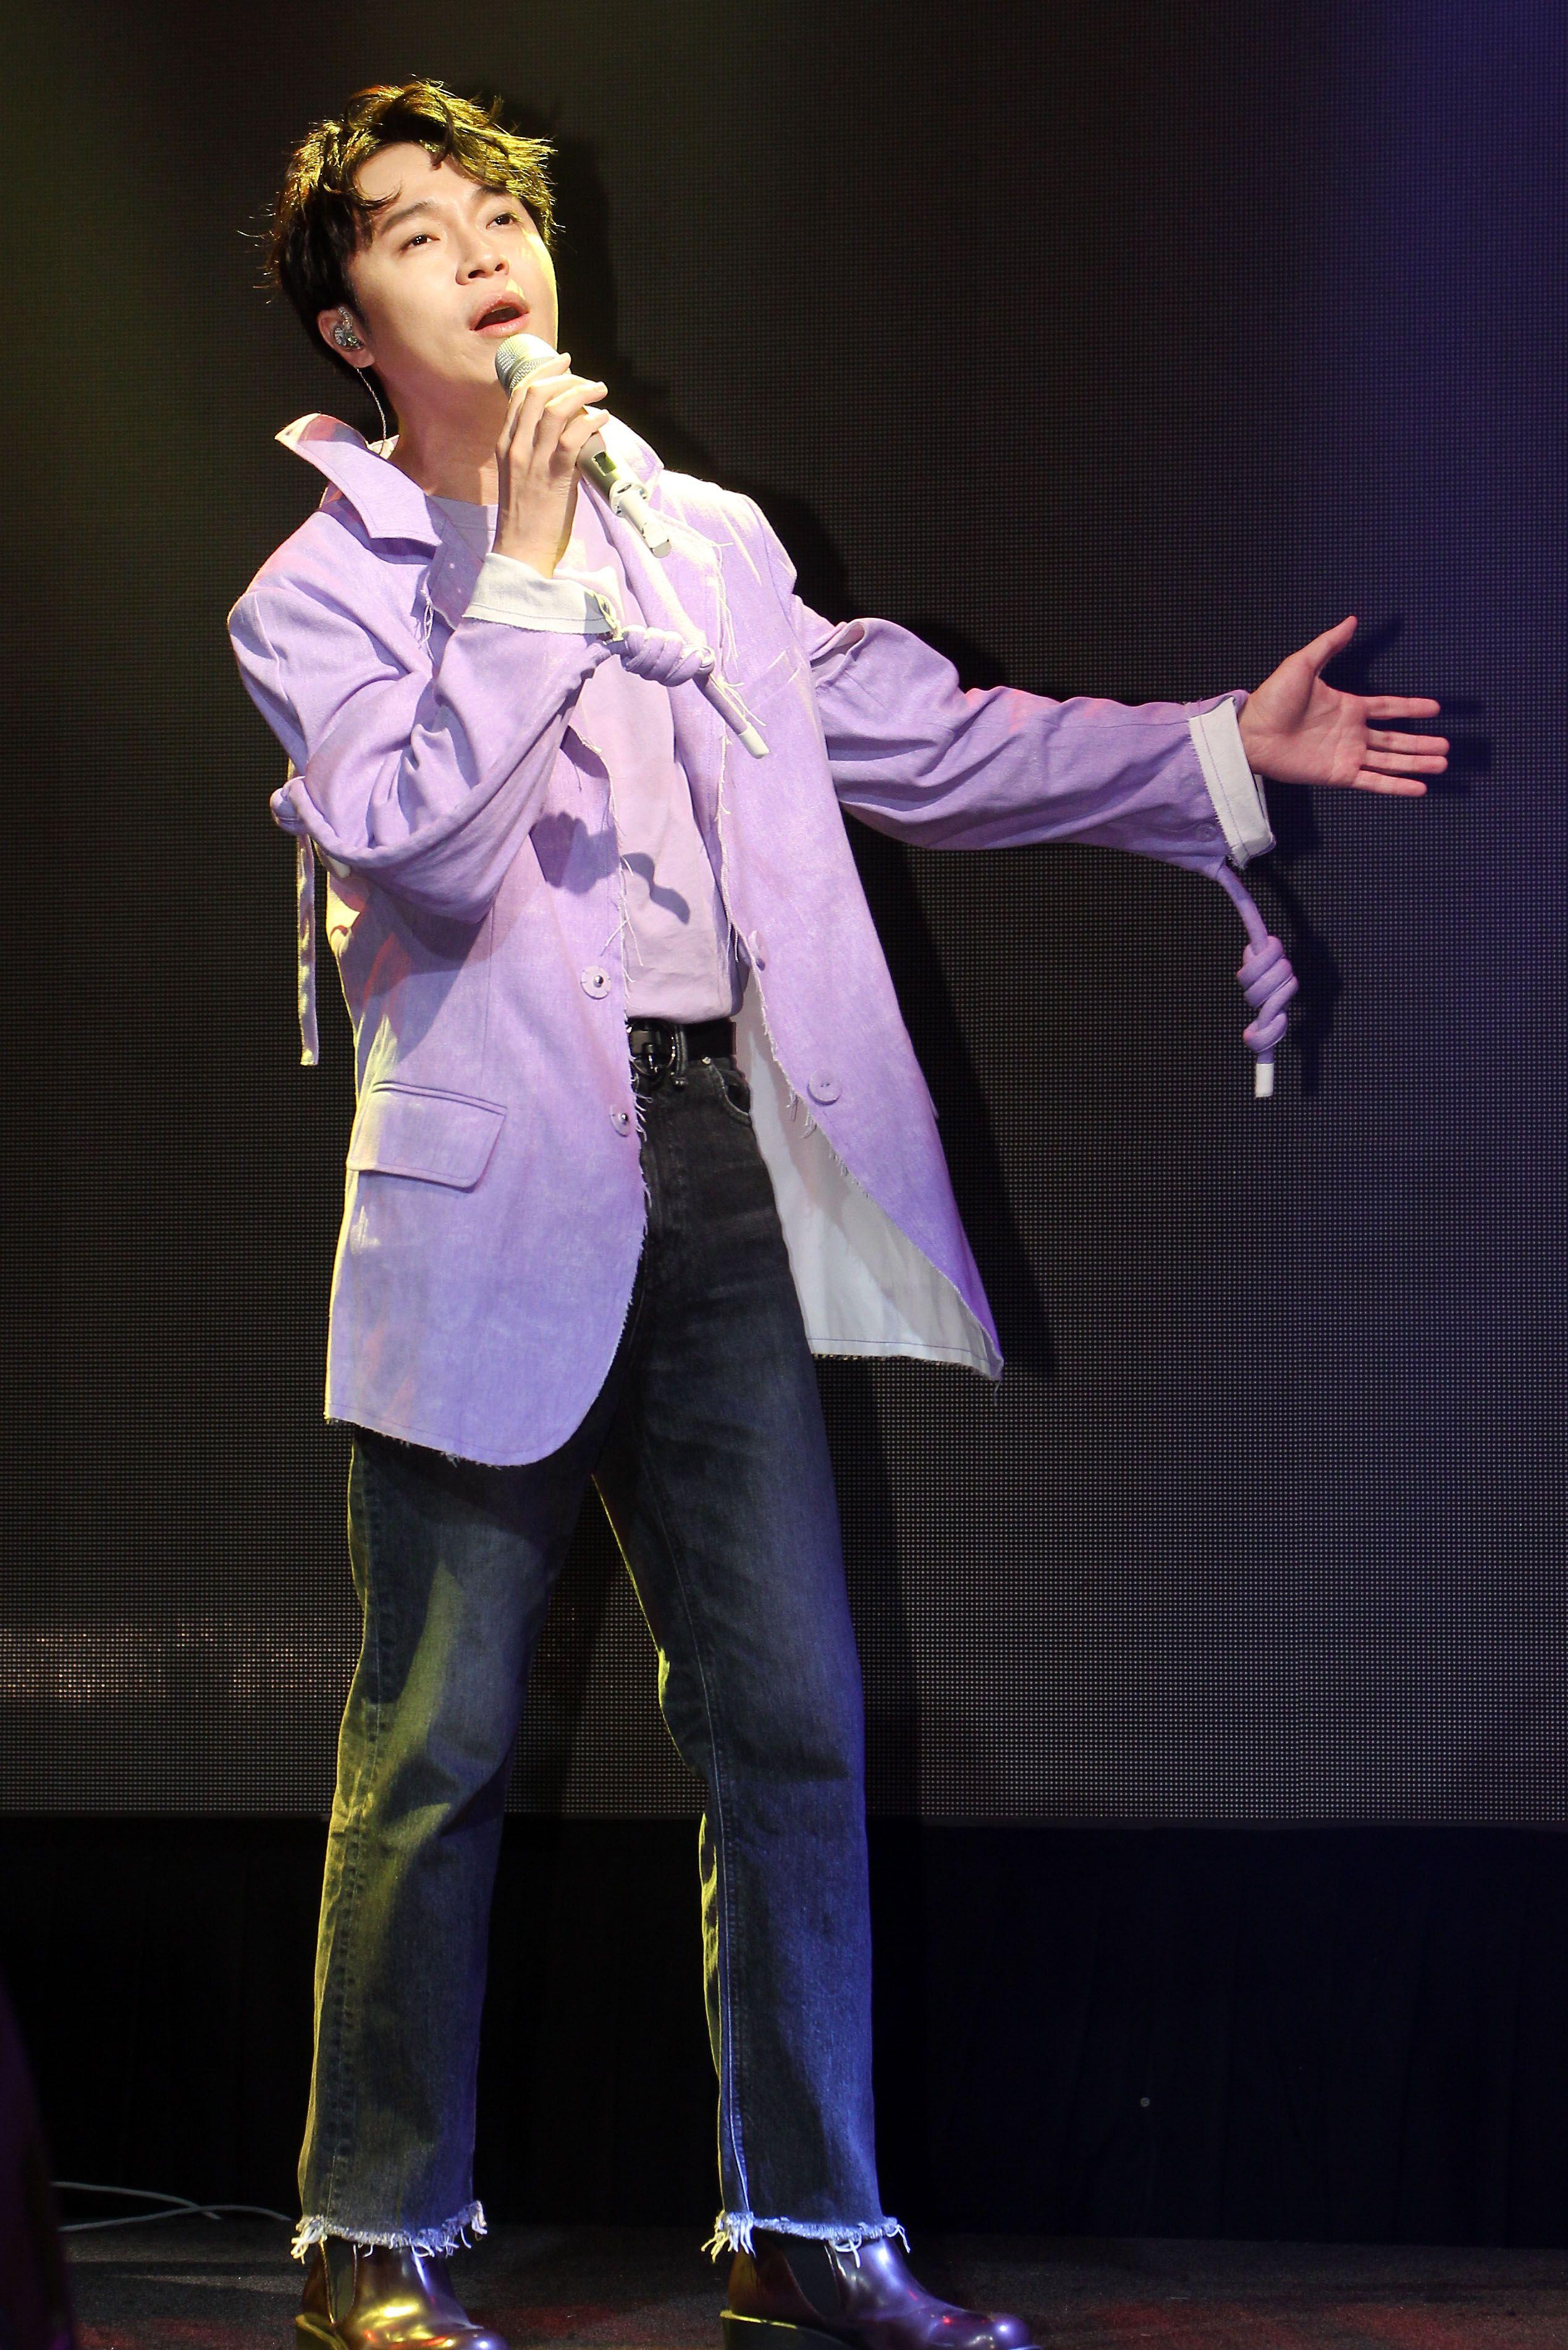 青峰最新單曲「你要出來了嗎」終於要出場,並為「春浪」彩排。(記者邱榮吉/攝影)